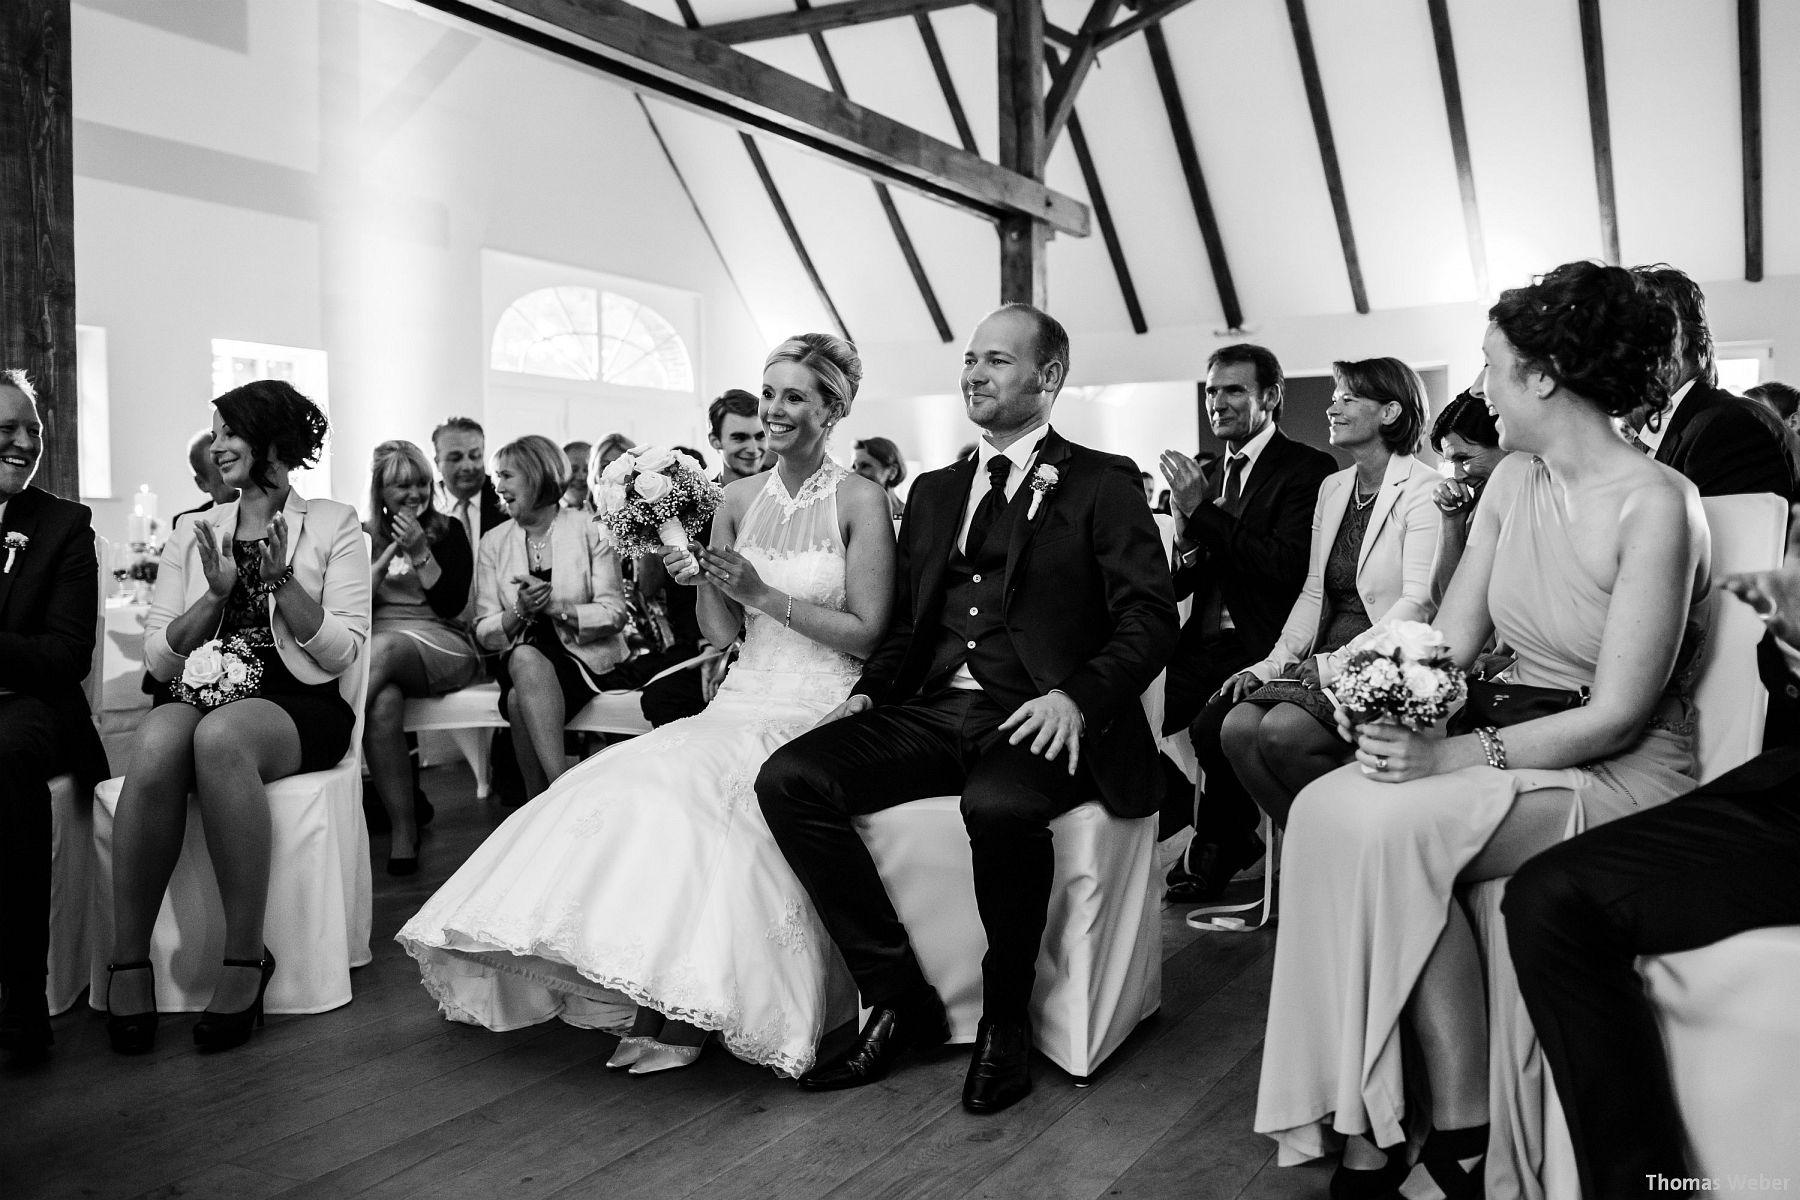 Hochzeitsfotograf Thomas Weber aus Oldenburg (26)